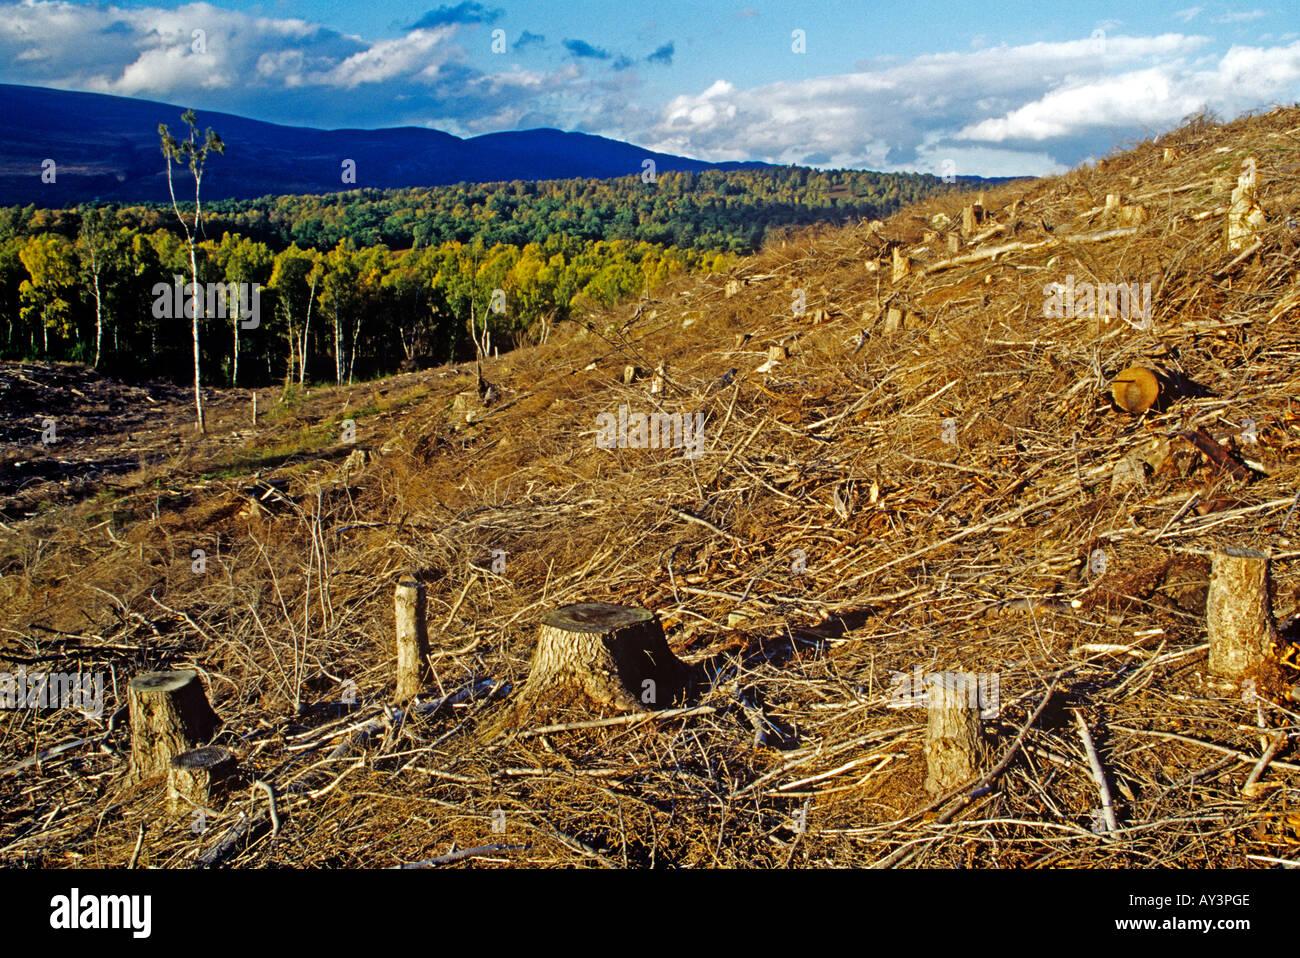 La deforestación en la ladera en Highland, Scotland, Reino Unido Imagen De Stock